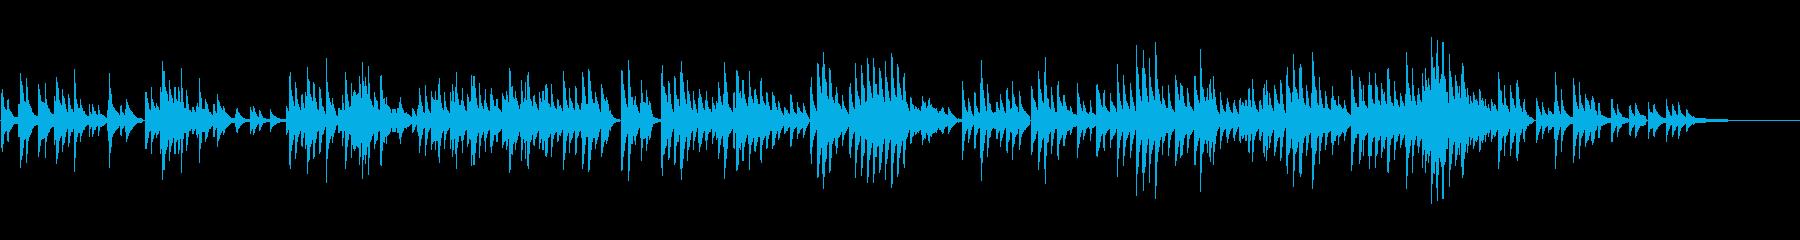 生ピアノソロ・雄大な自然の再生済みの波形